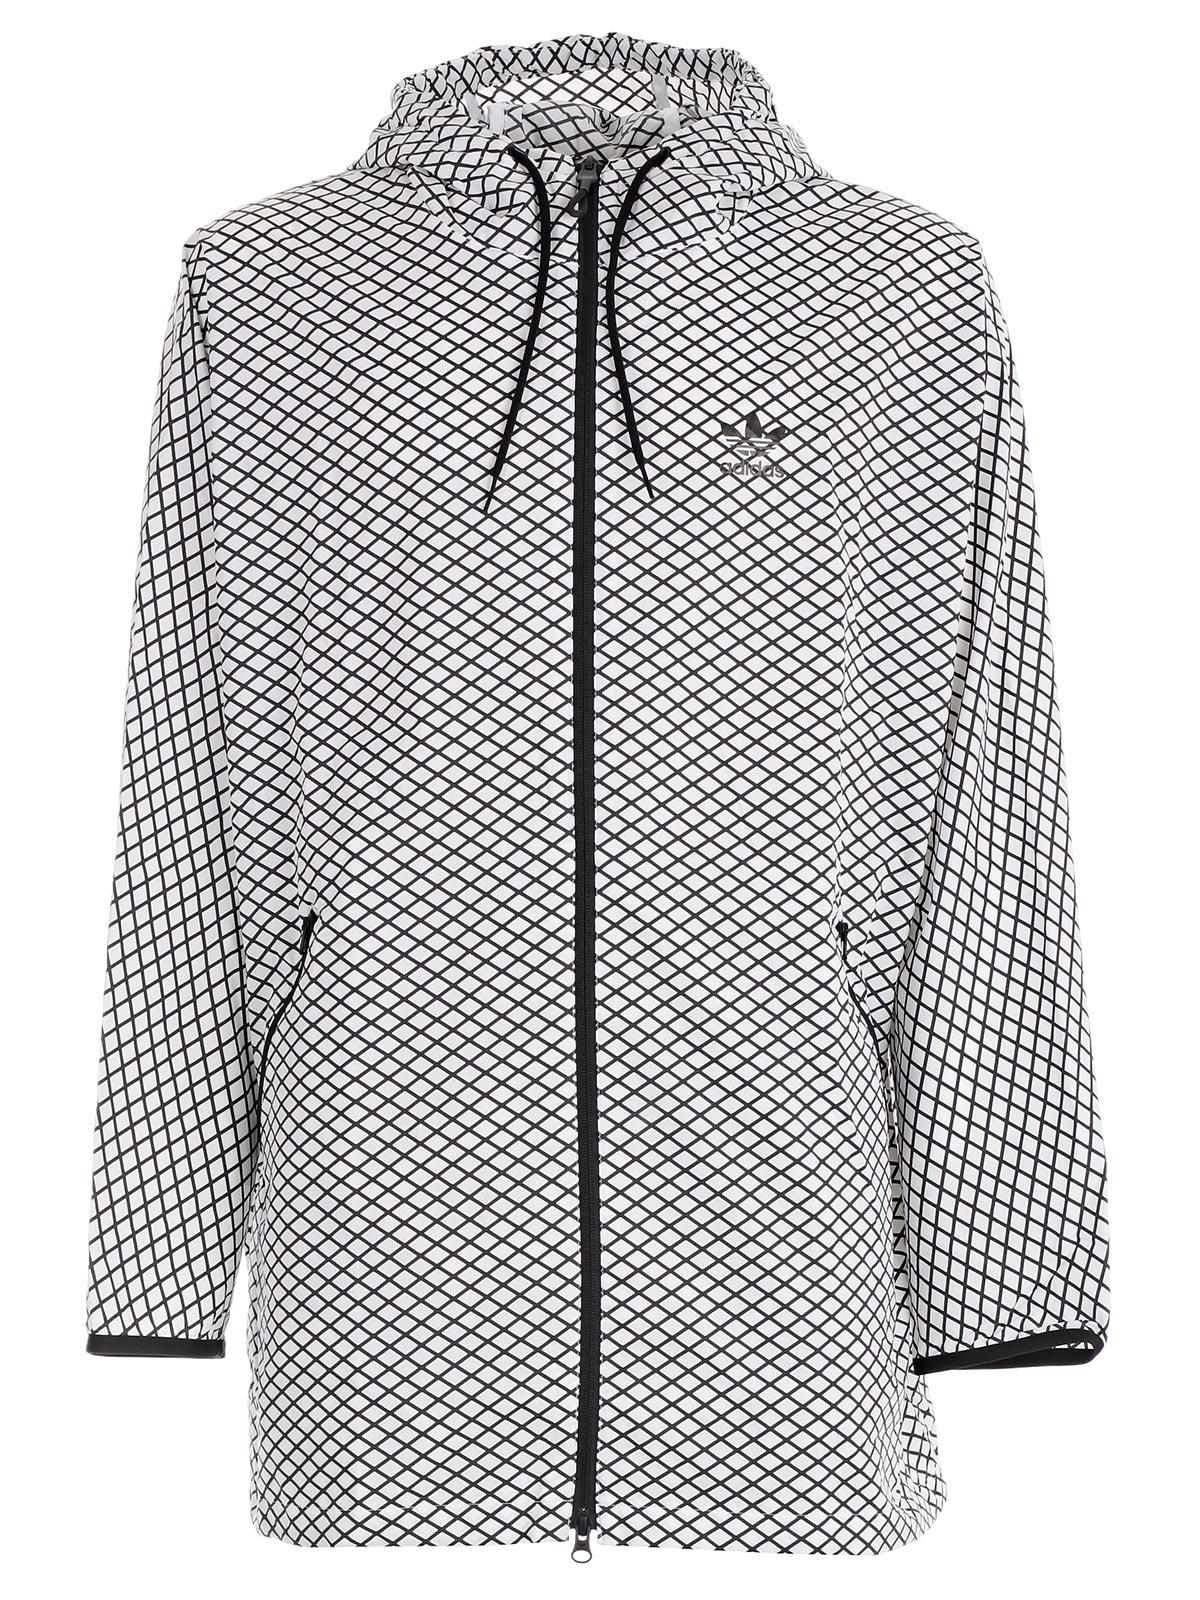 Picture of Adidas Originals Jacket